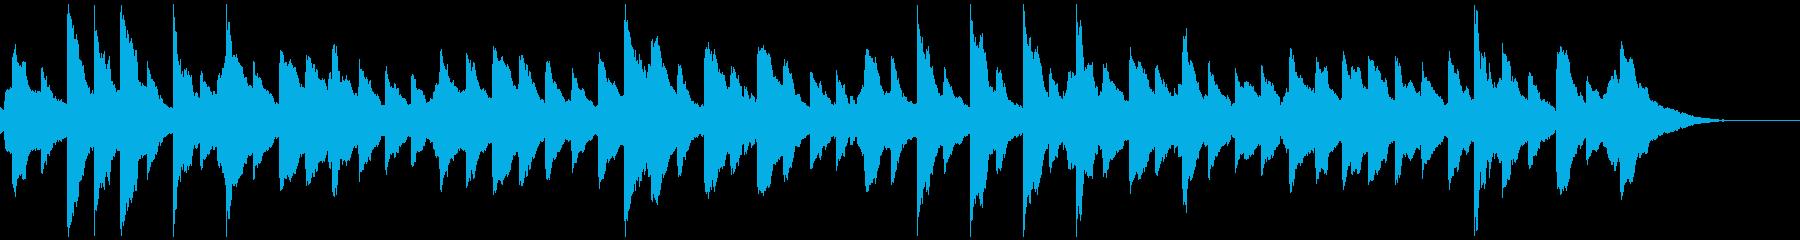 ハッシュ・リトル・ベイビー オルゴールの再生済みの波形